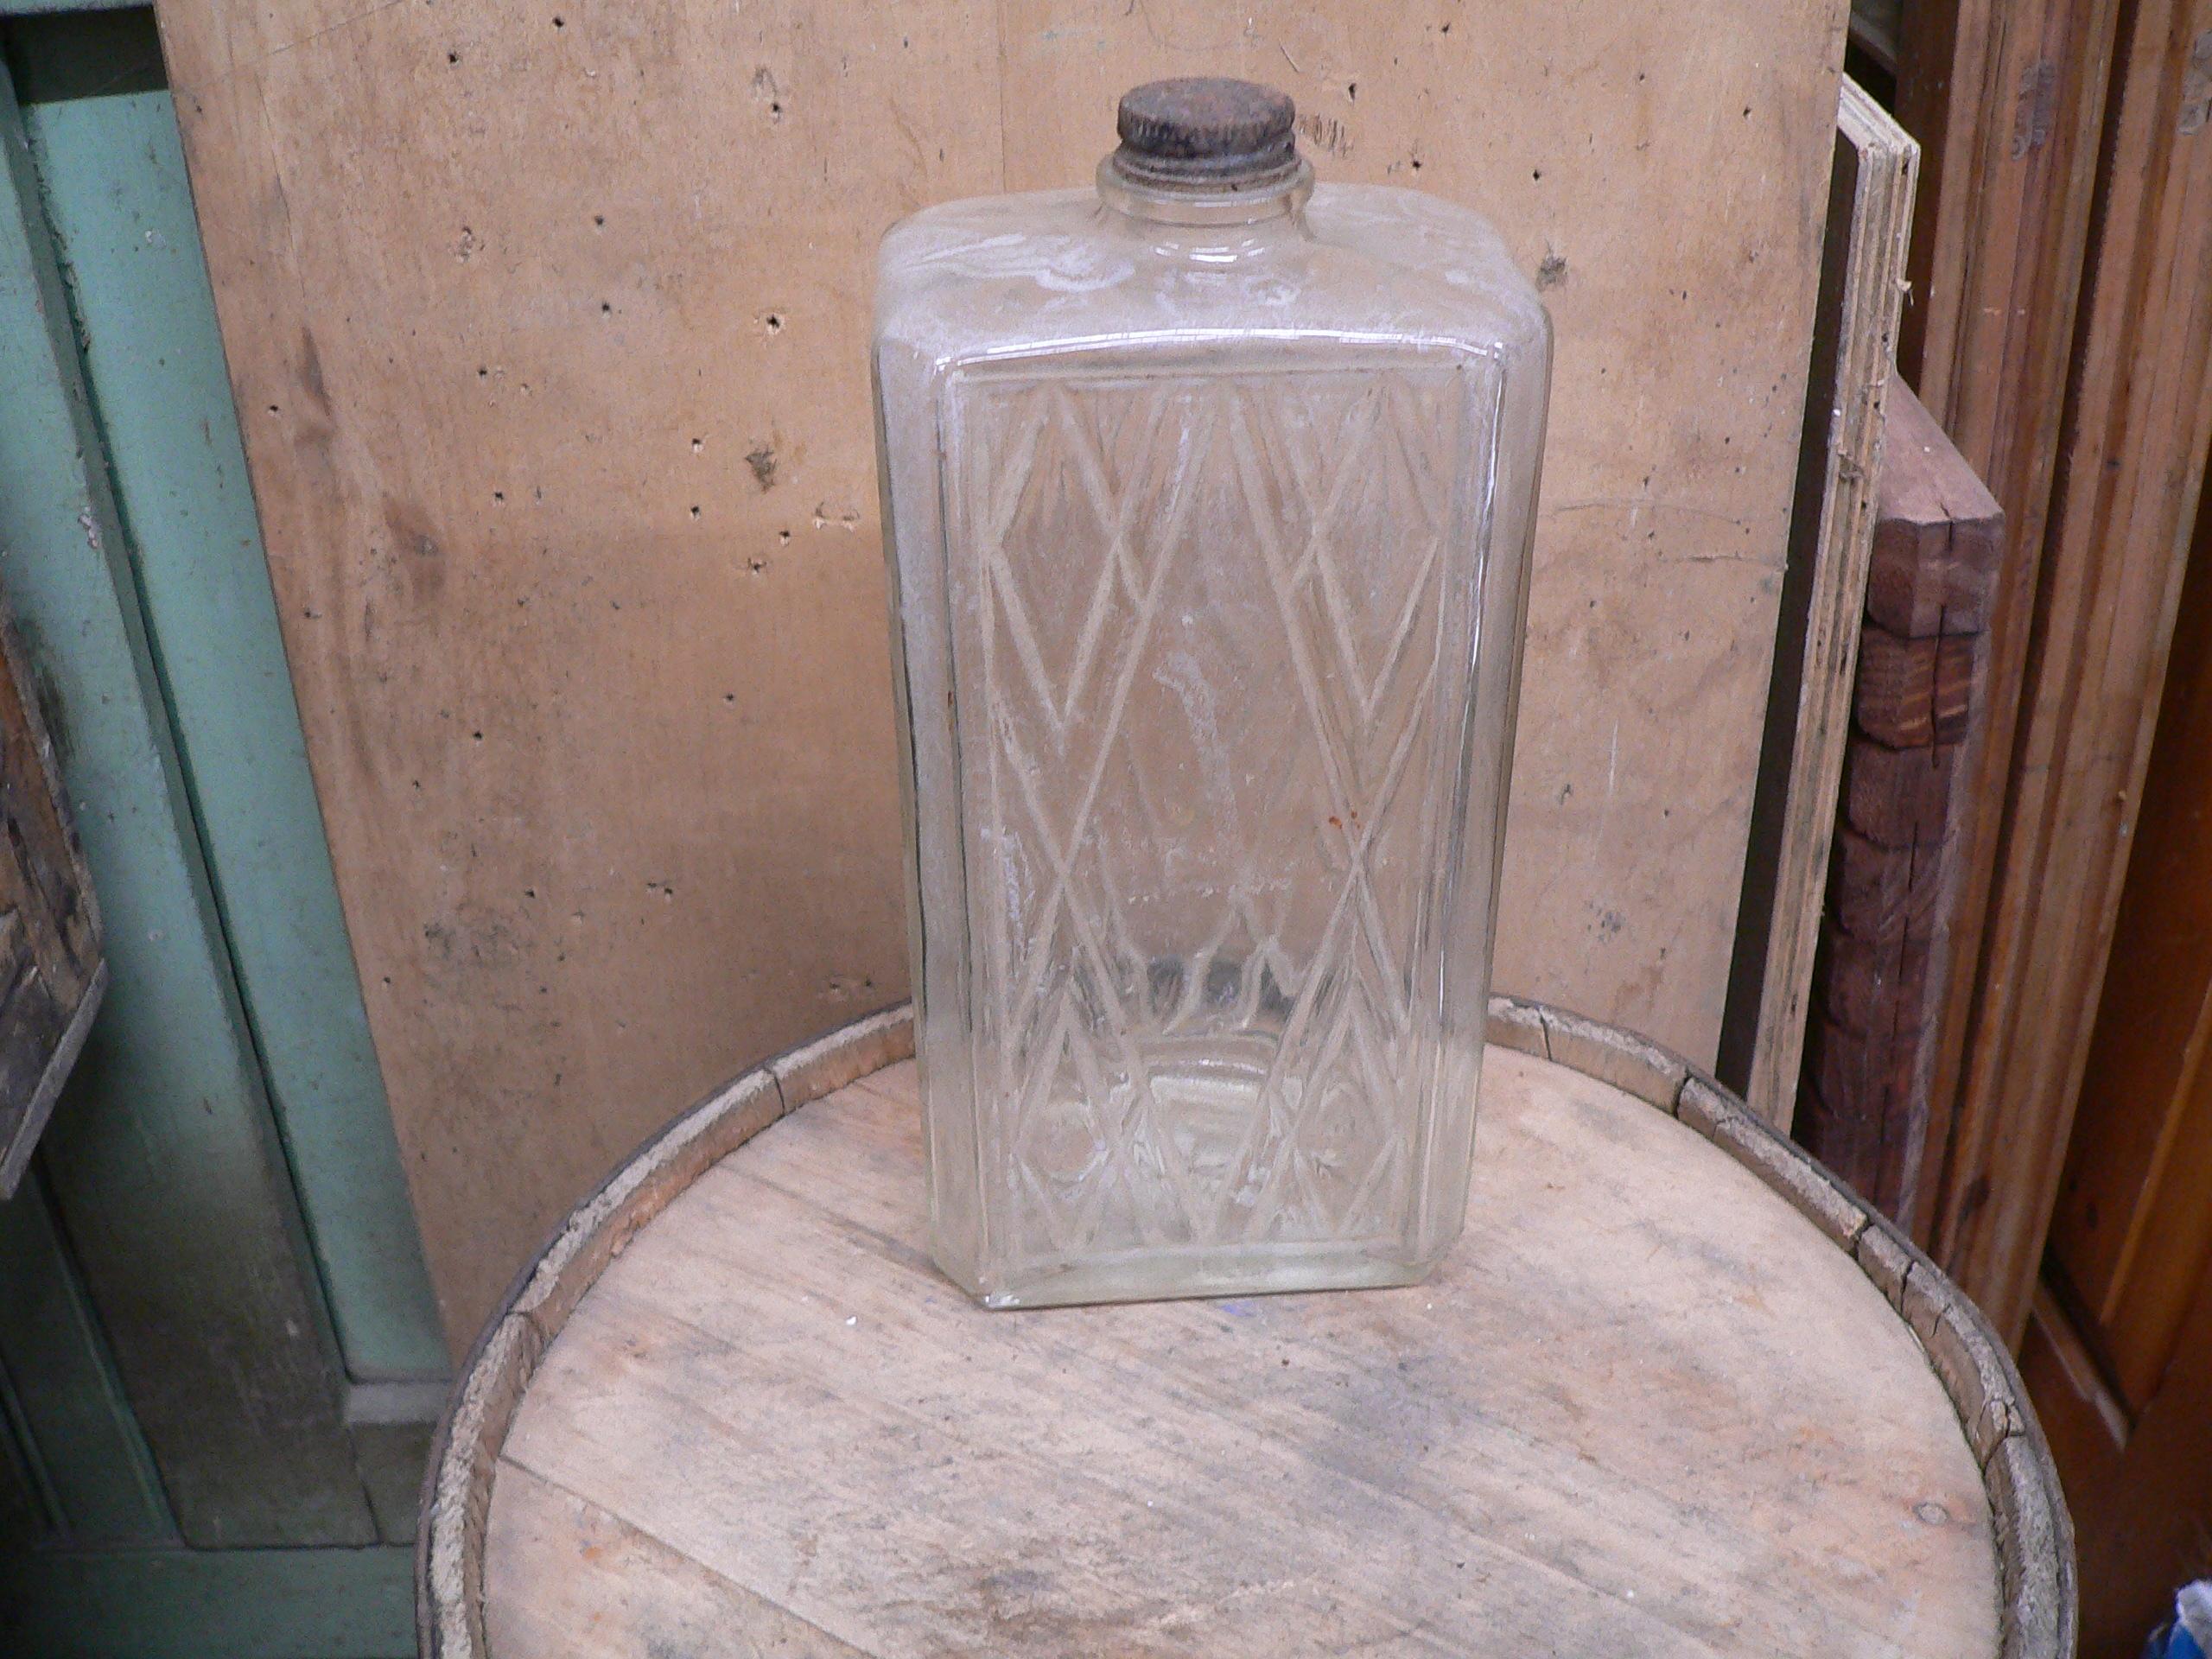 Bouteille antique d'alcool # 5604.10